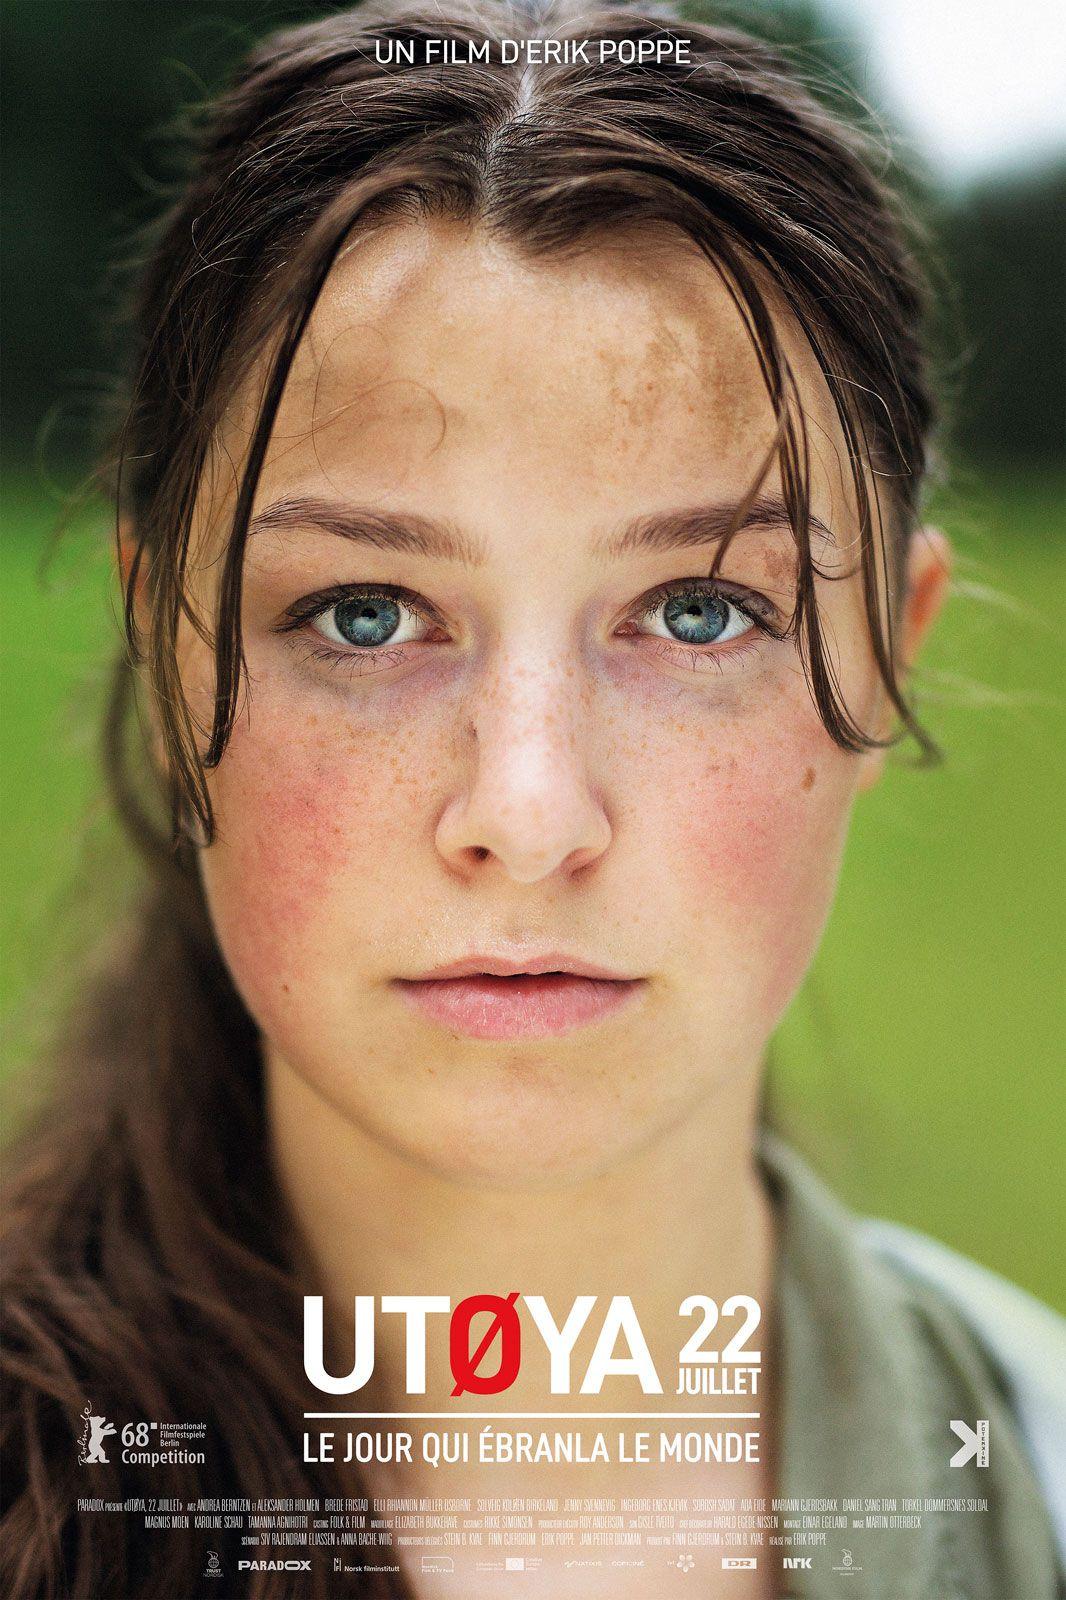 Utøya, 22 Juillet - Film (2018)